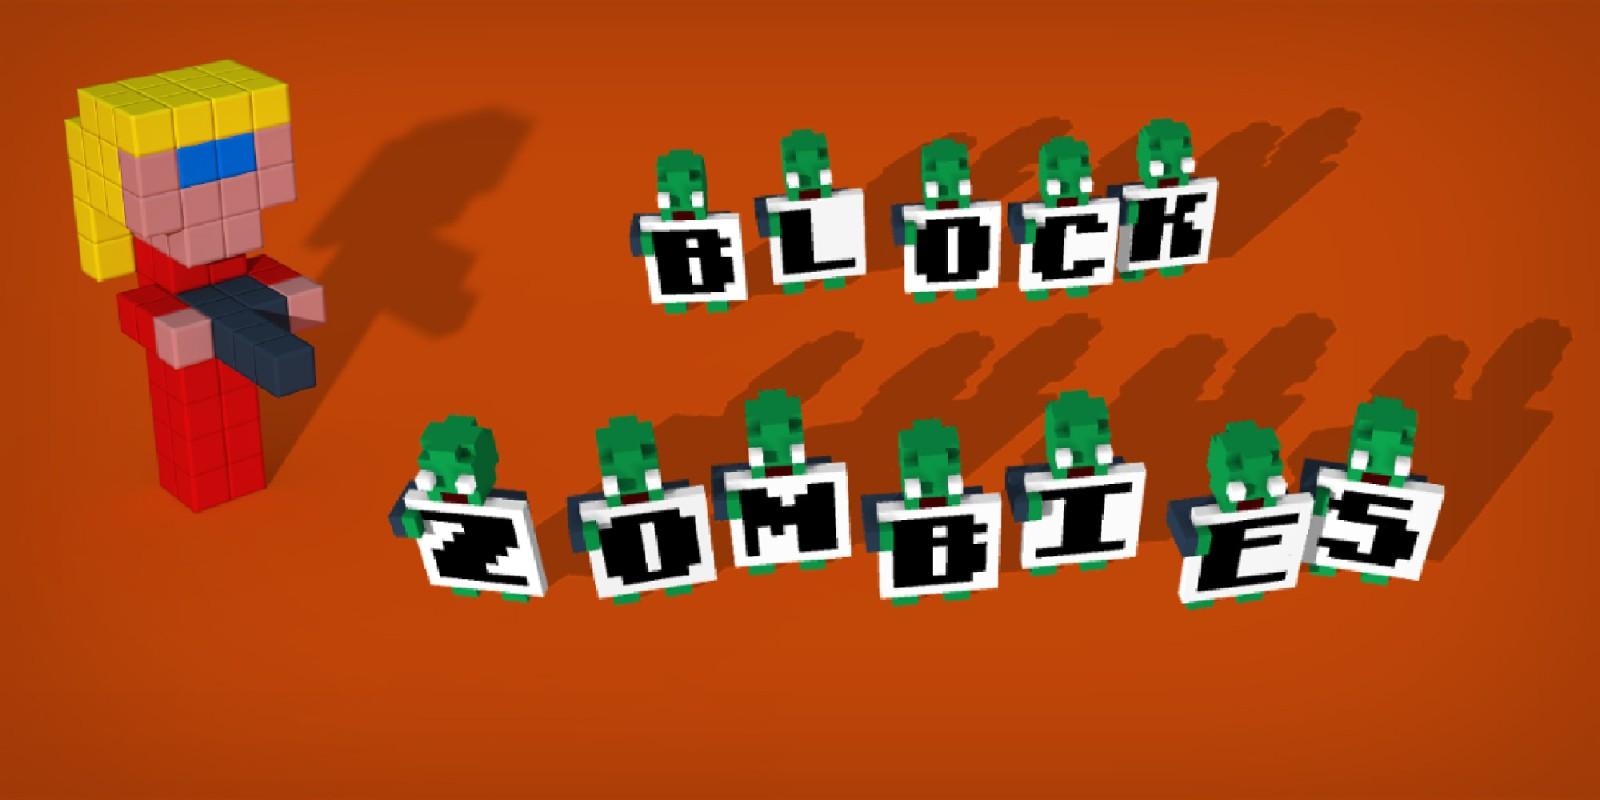 Block Zombies Programas Descargables Wii U Juegos Nintendo